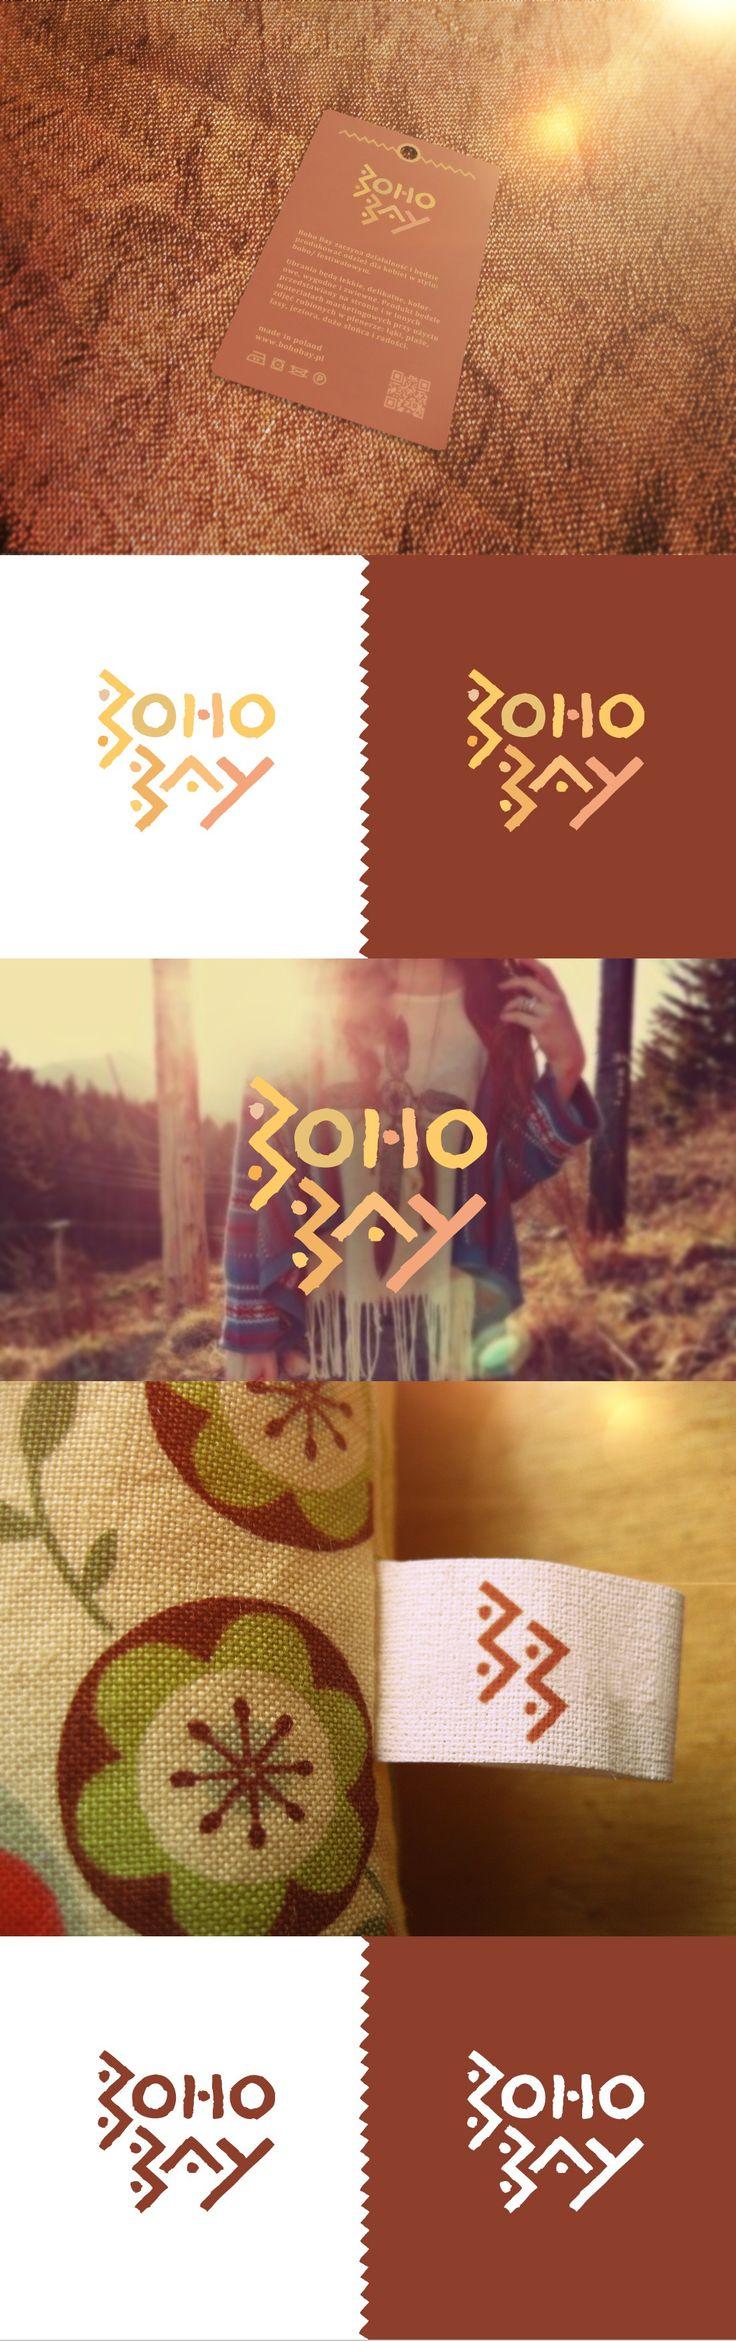 Praca nr 114245 w konkursie Projektowanie logo dla nowopowstającej marki odzieżowej Boho Bay | Corton.pl